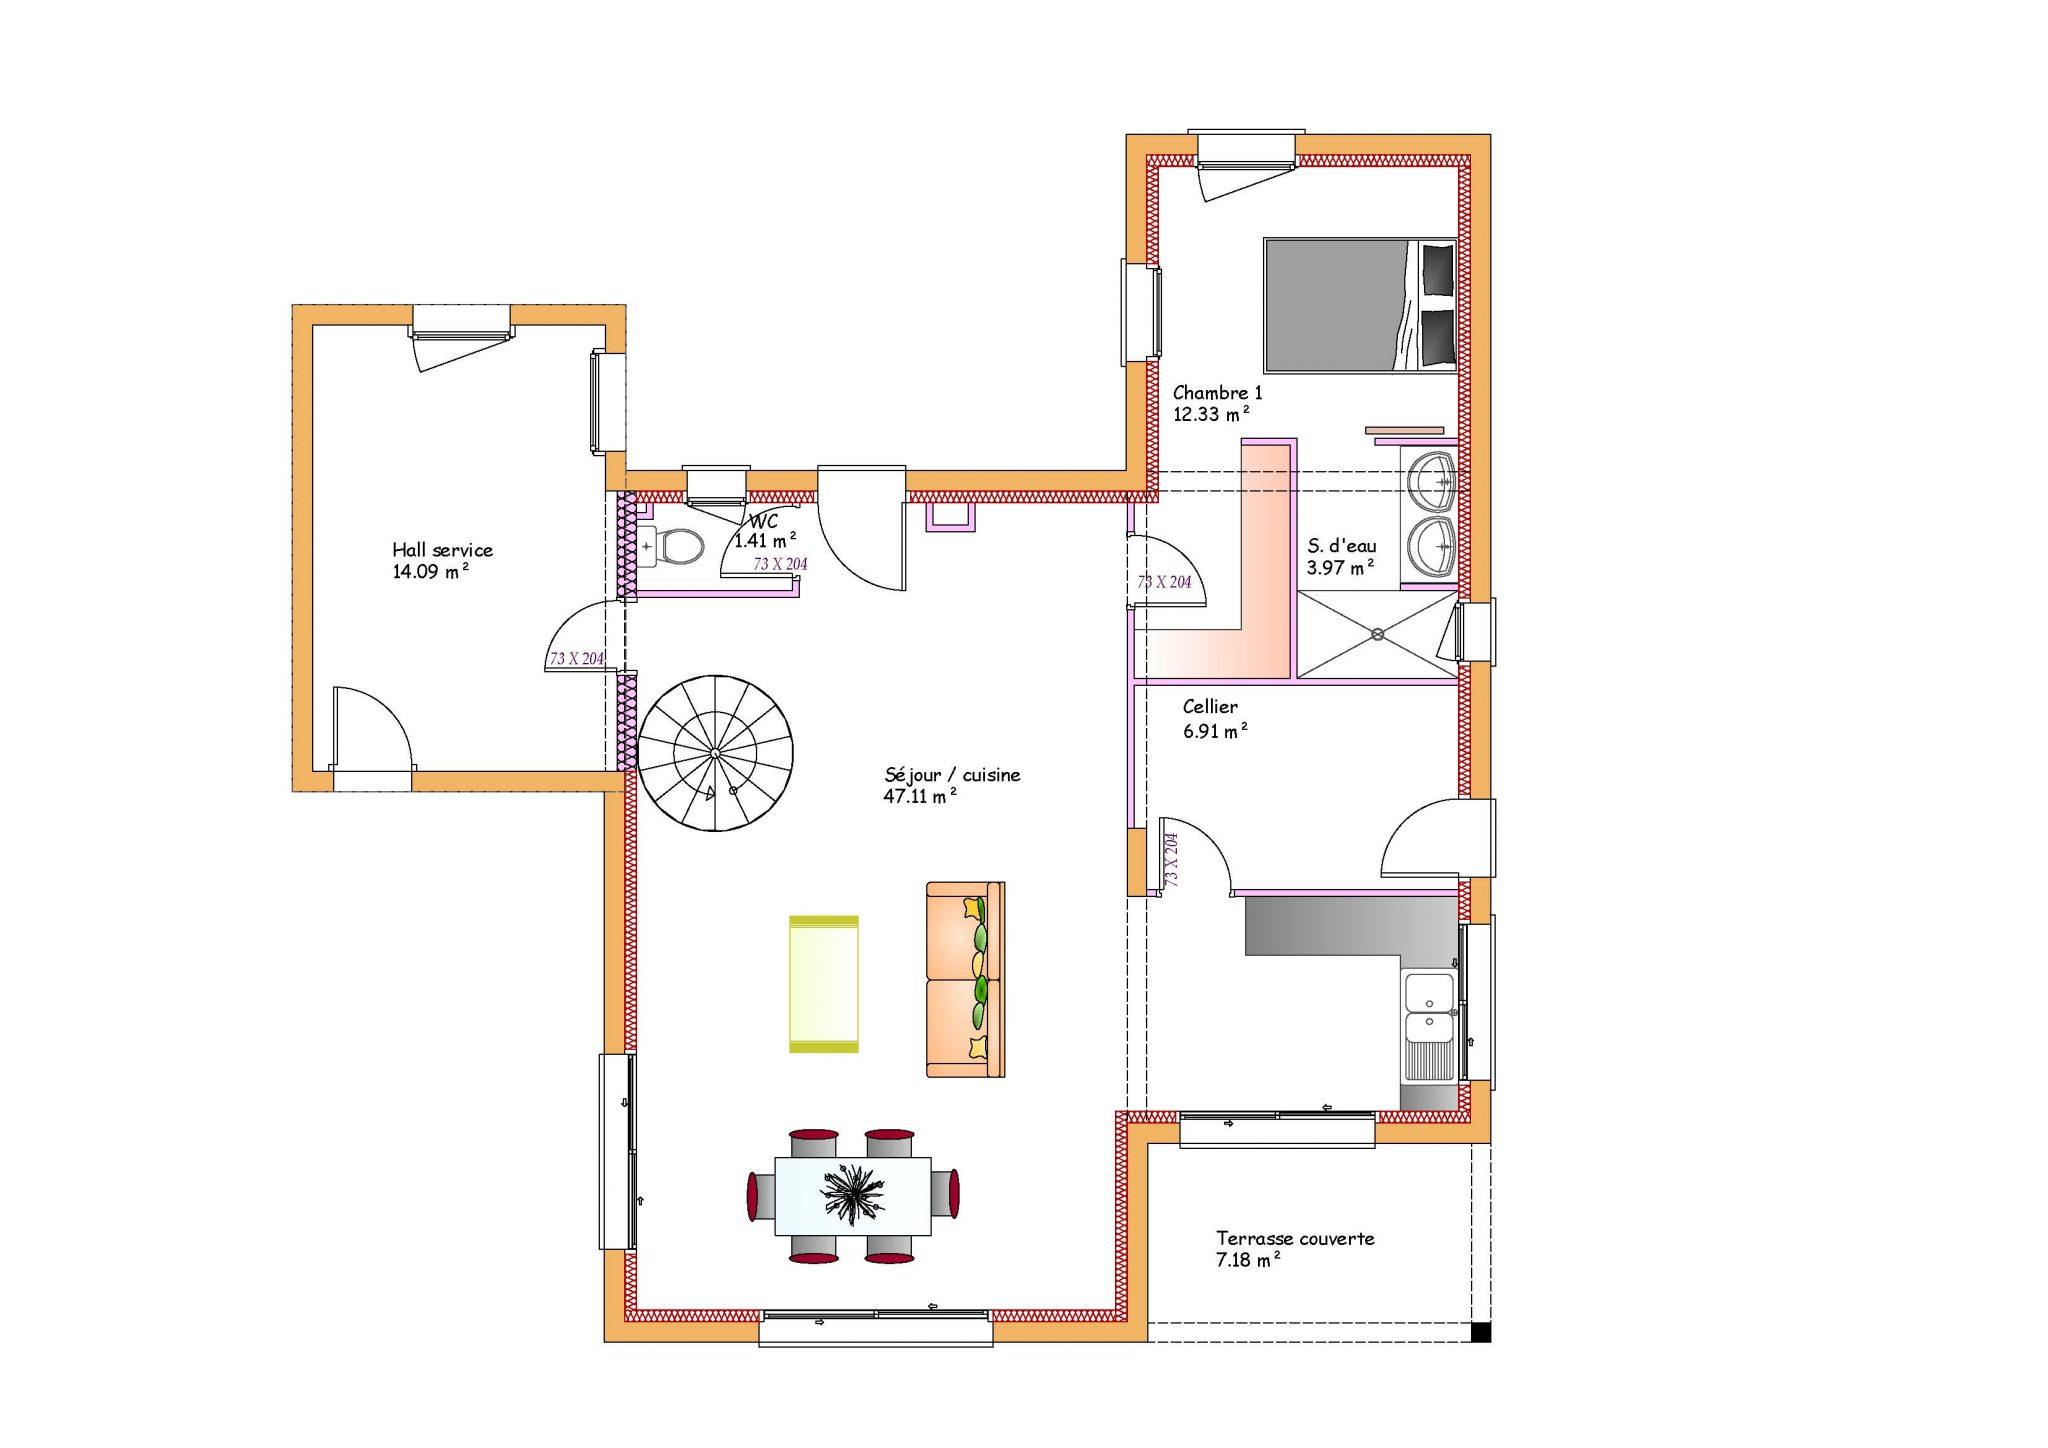 Plan Maison Chambres Etage Logiciel Gratuit Moderne Home Plan - Plan maison toit plat gratuit